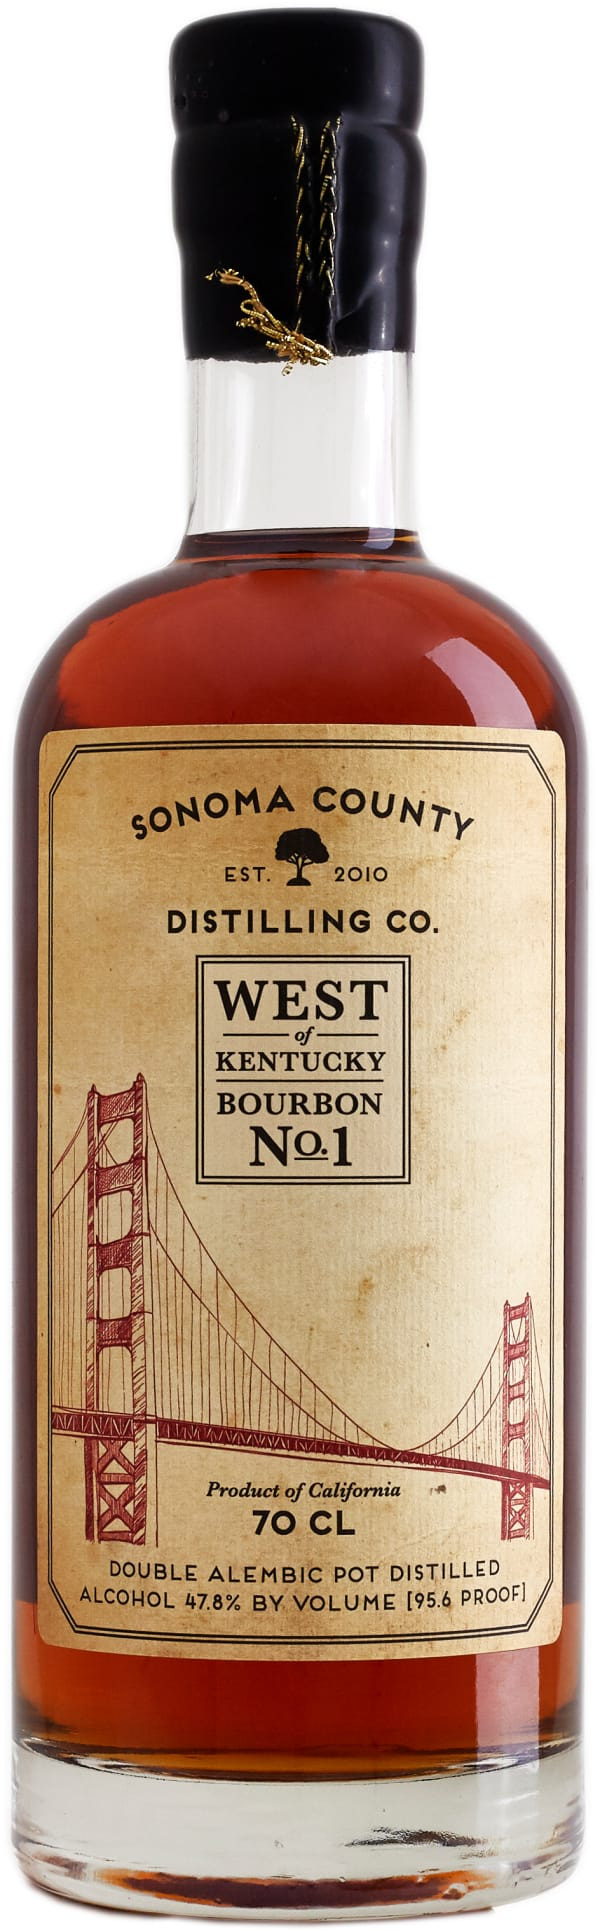 West of Kentucky Bourbon No. 1